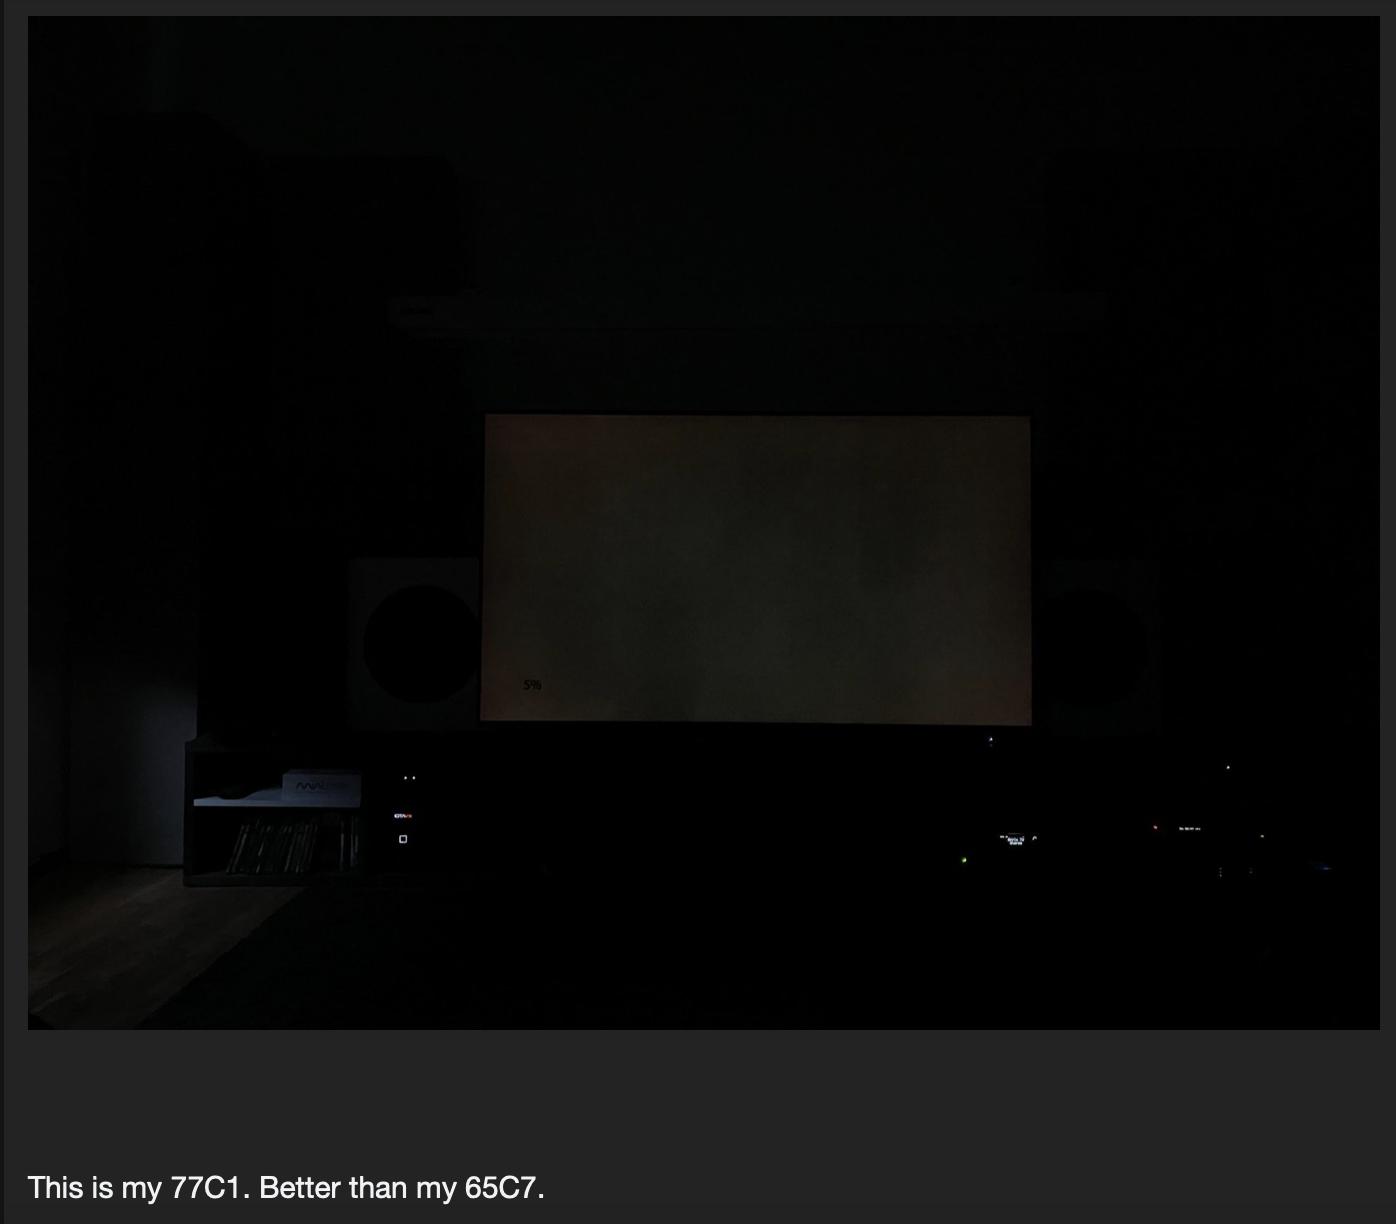 Screenshot 2021-05-07 at 22.04.26.png